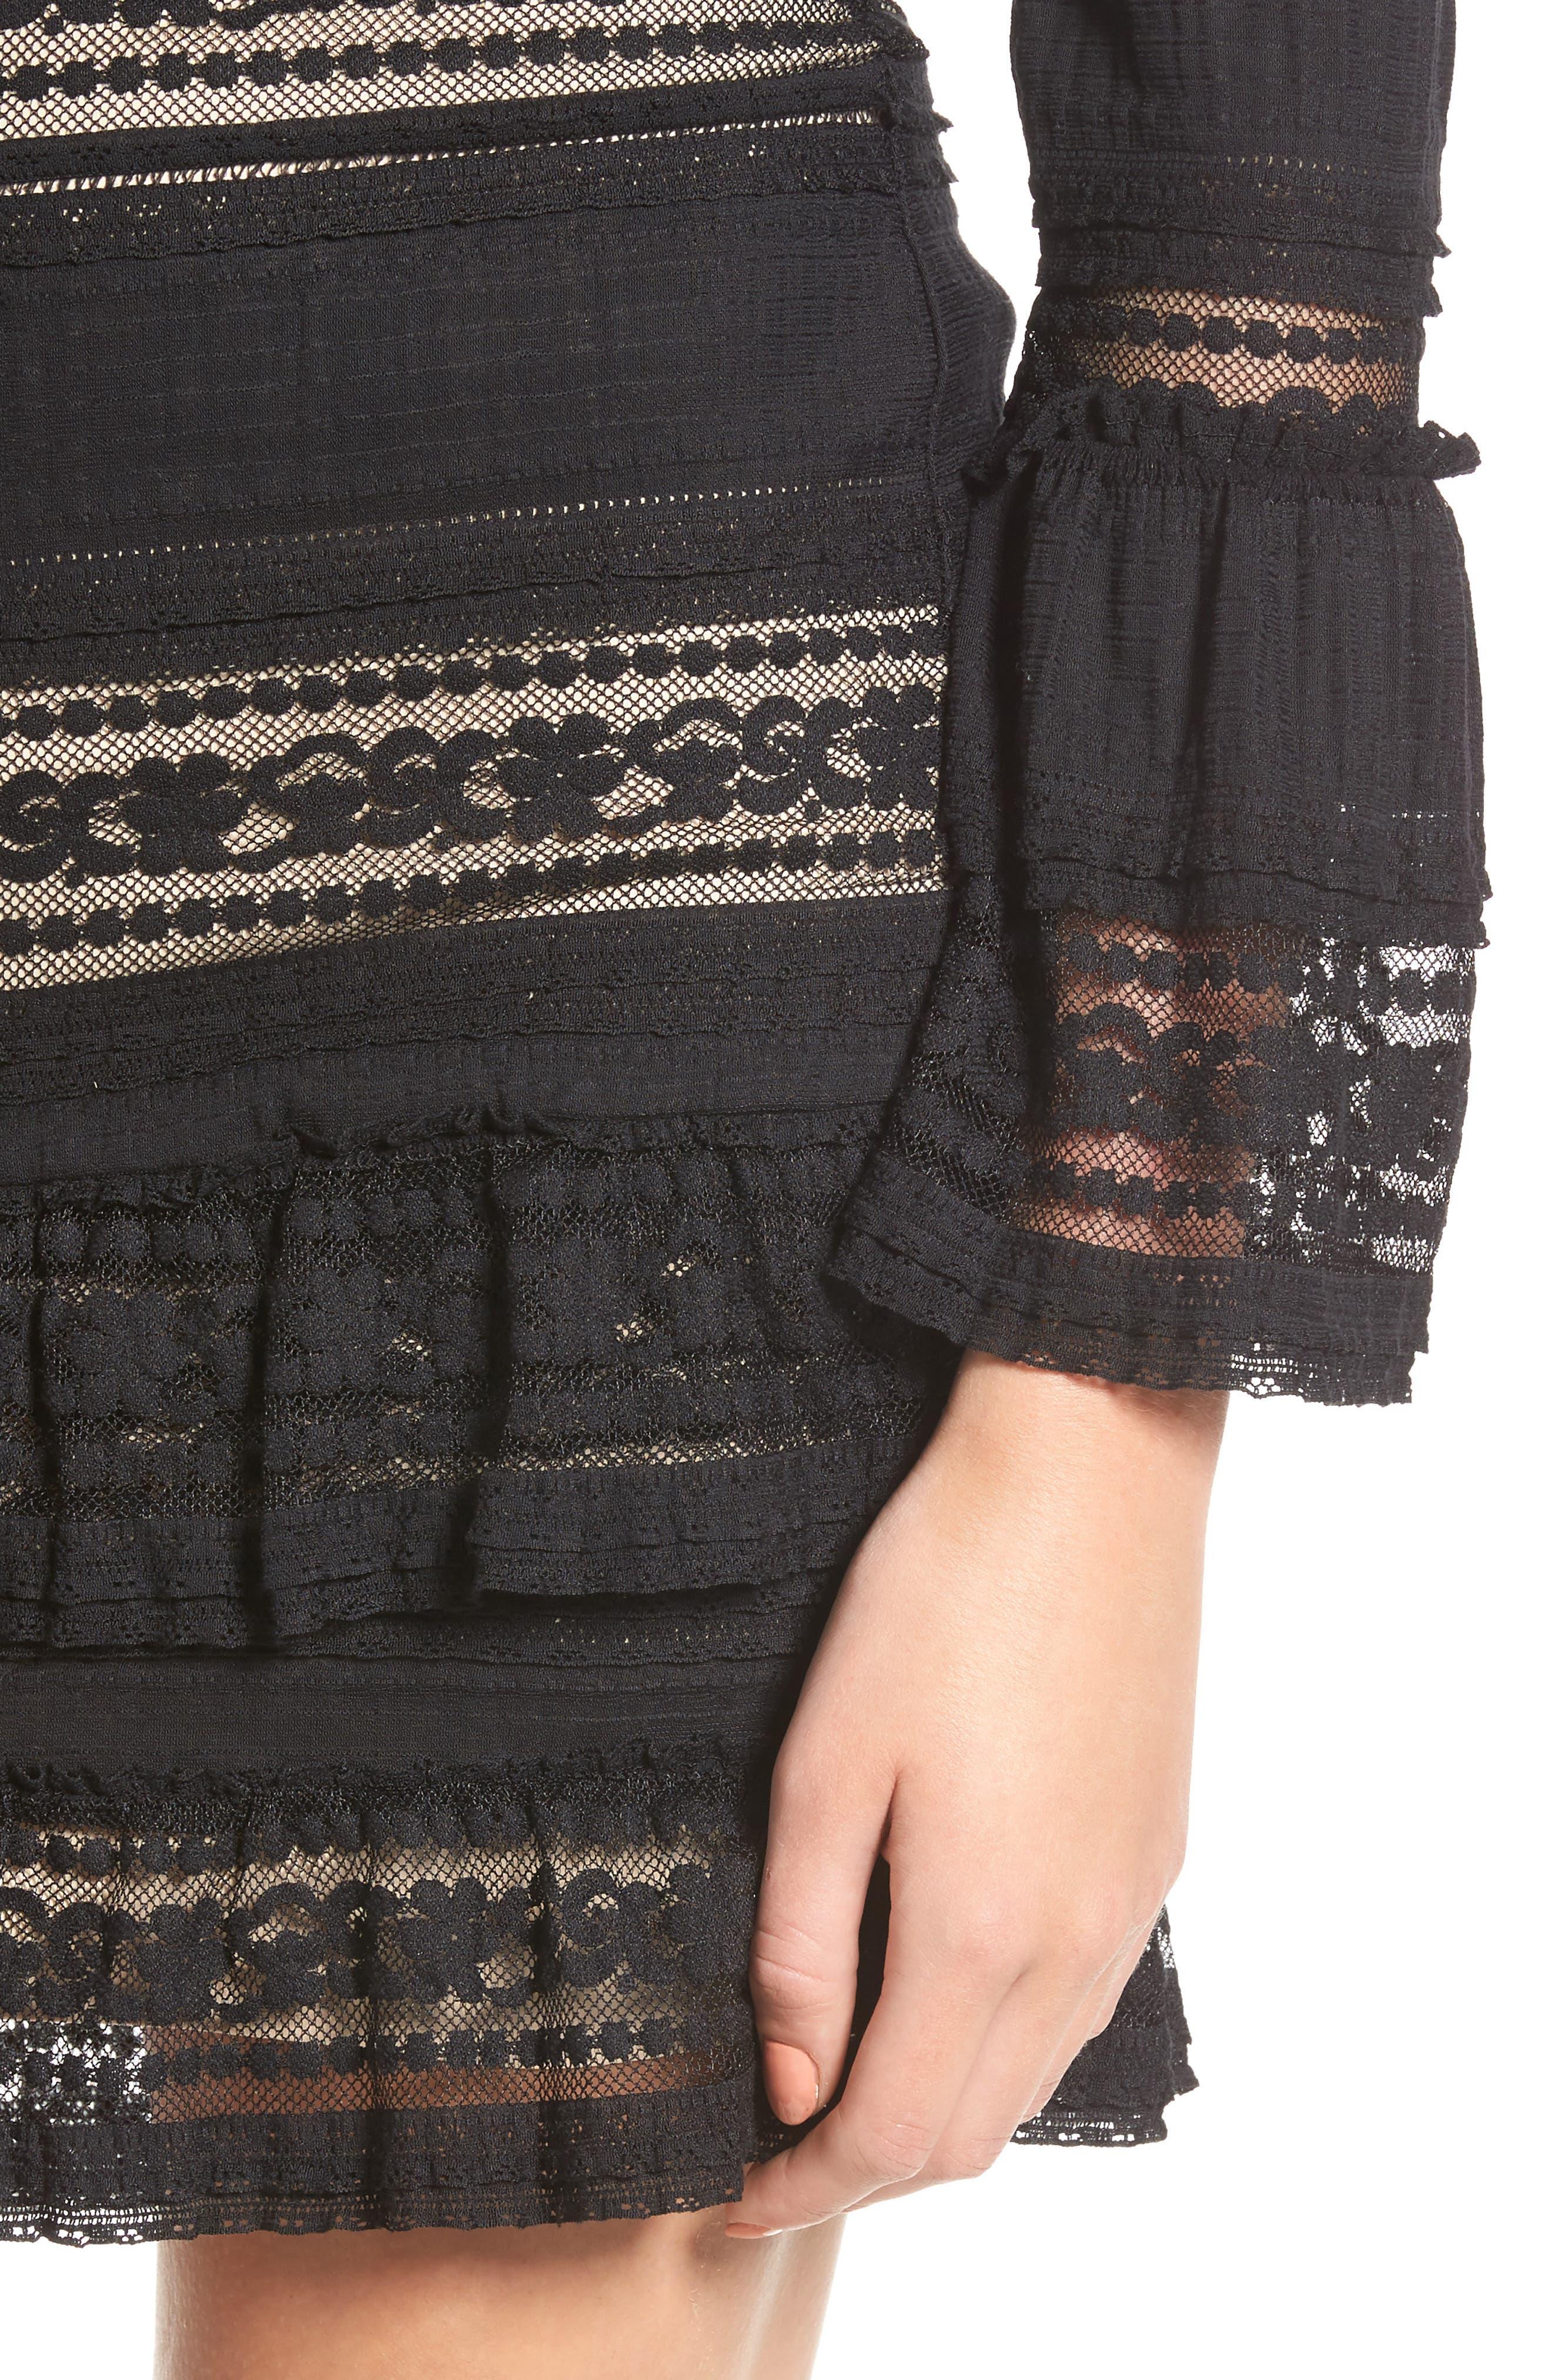 Topanga Lace Sheath Dress,                             Alternate thumbnail 4, color,